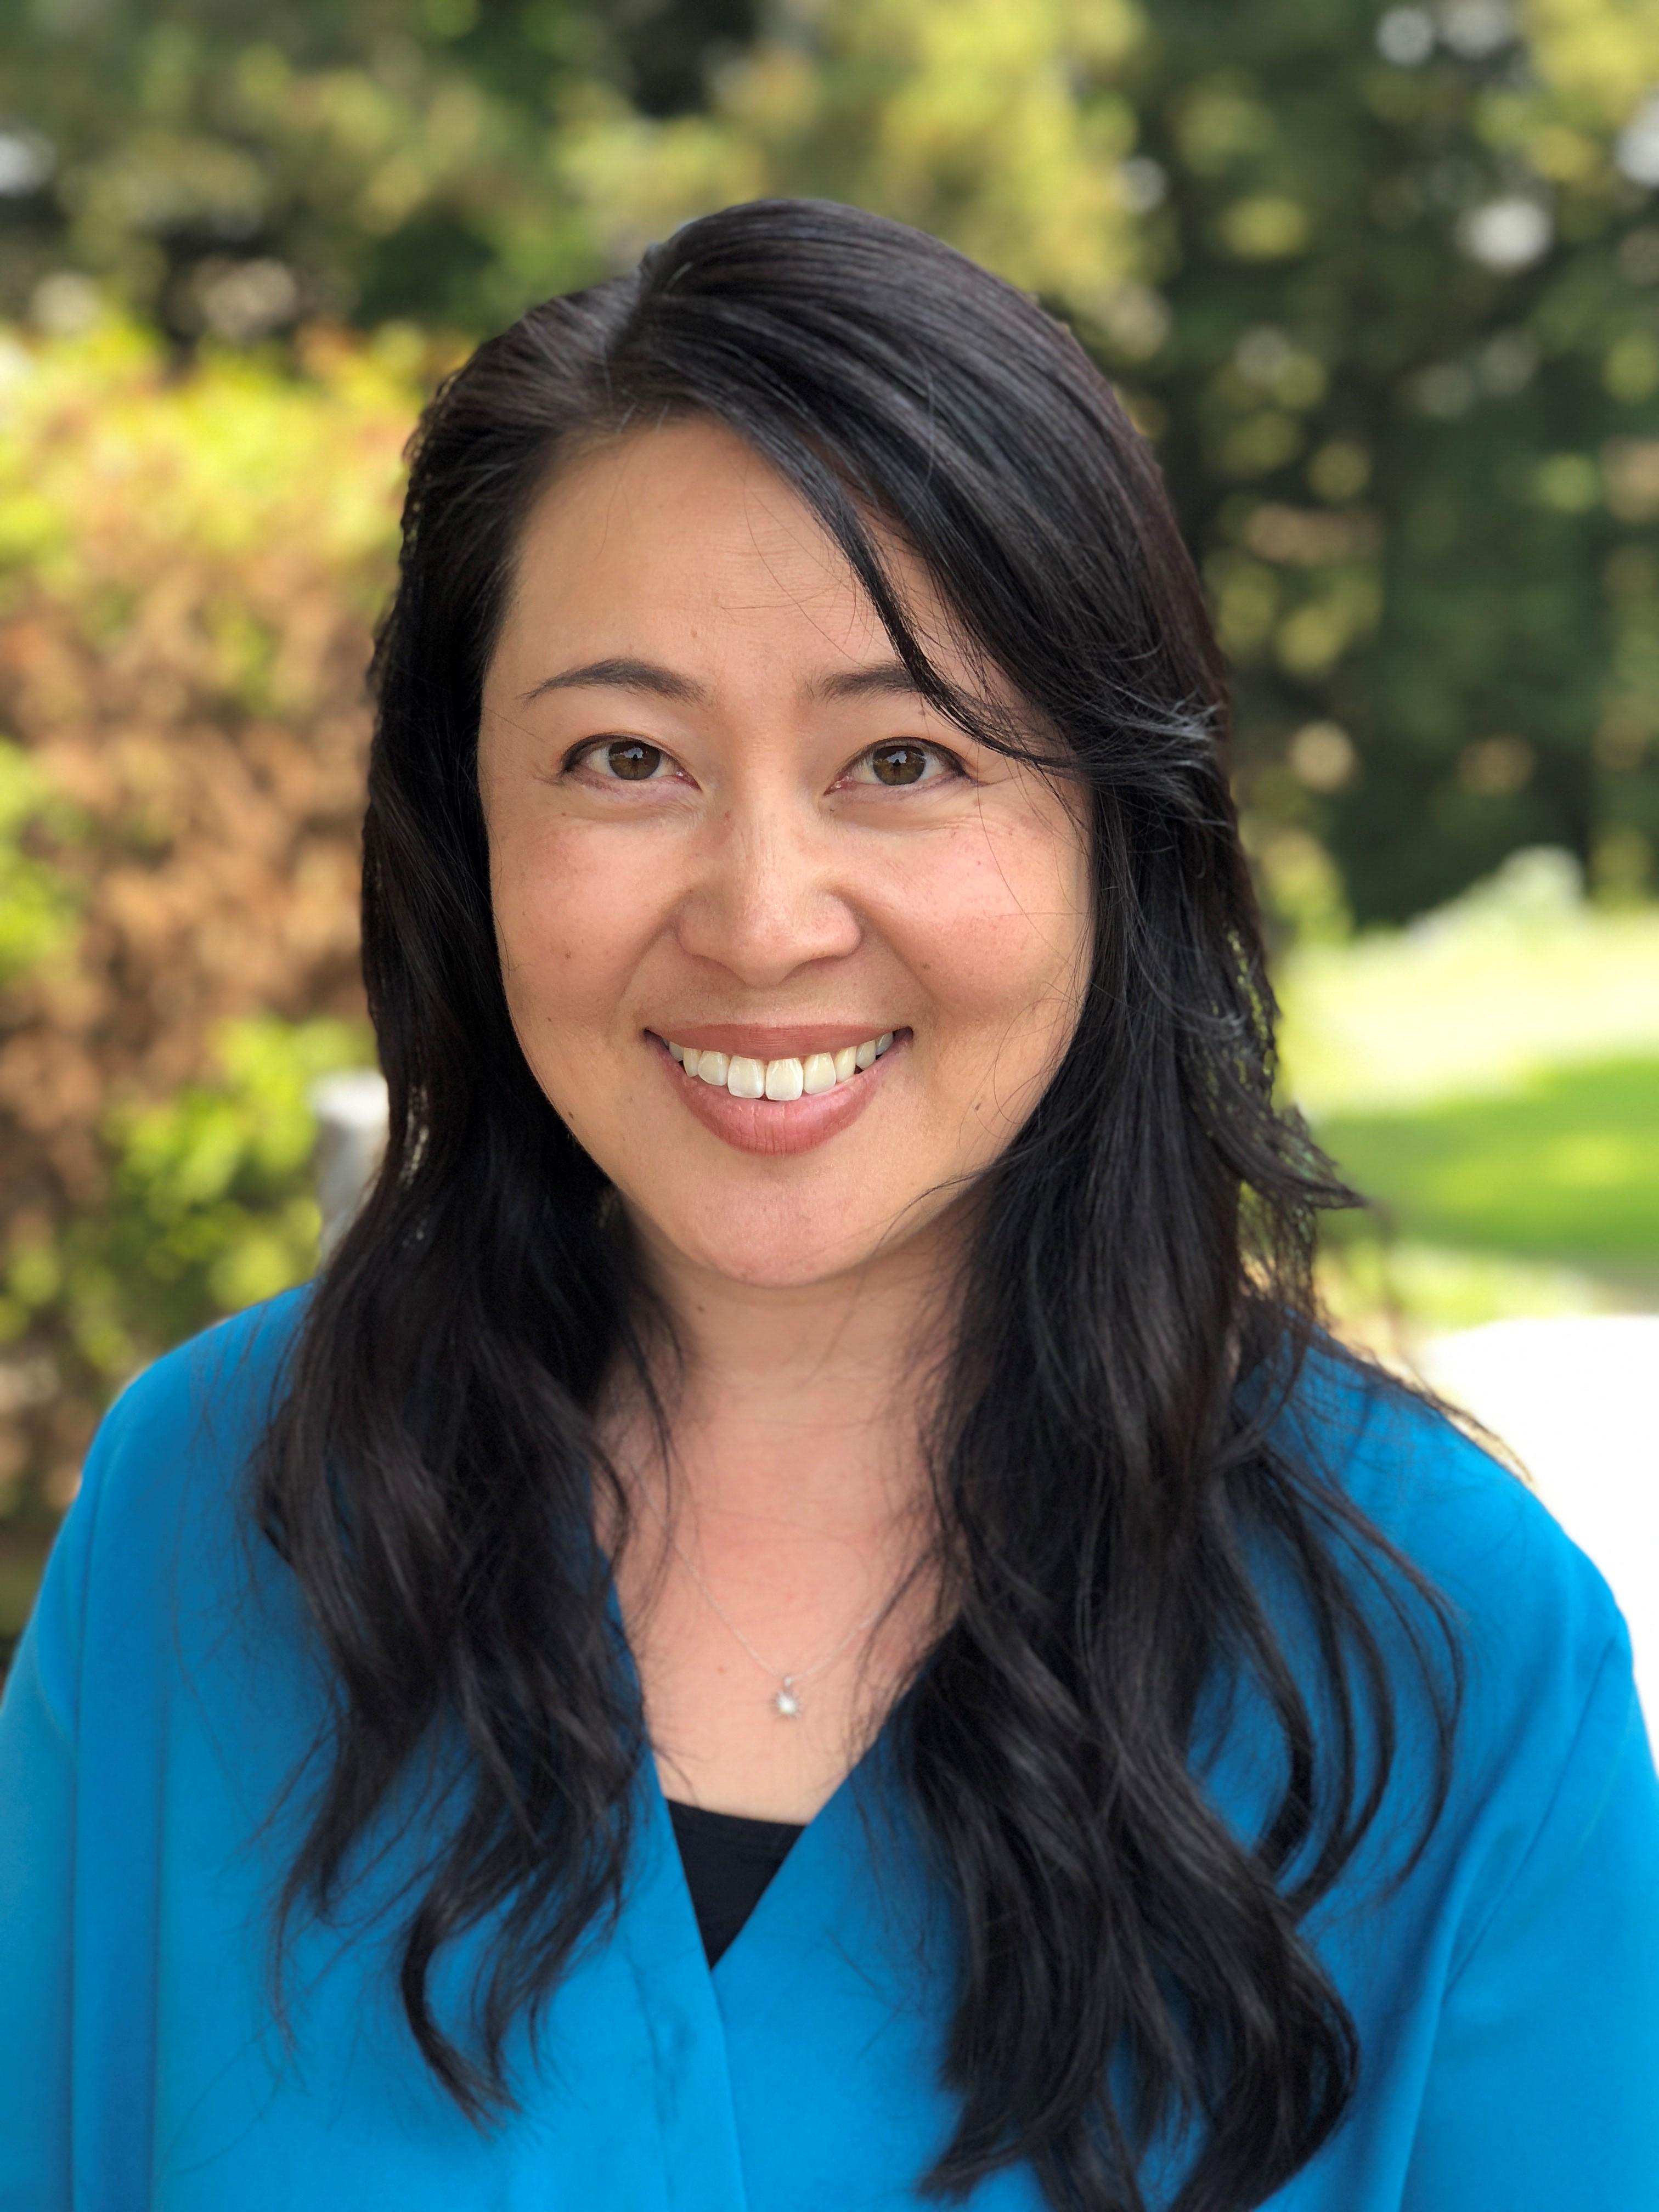 Christine Hirabayashi '05